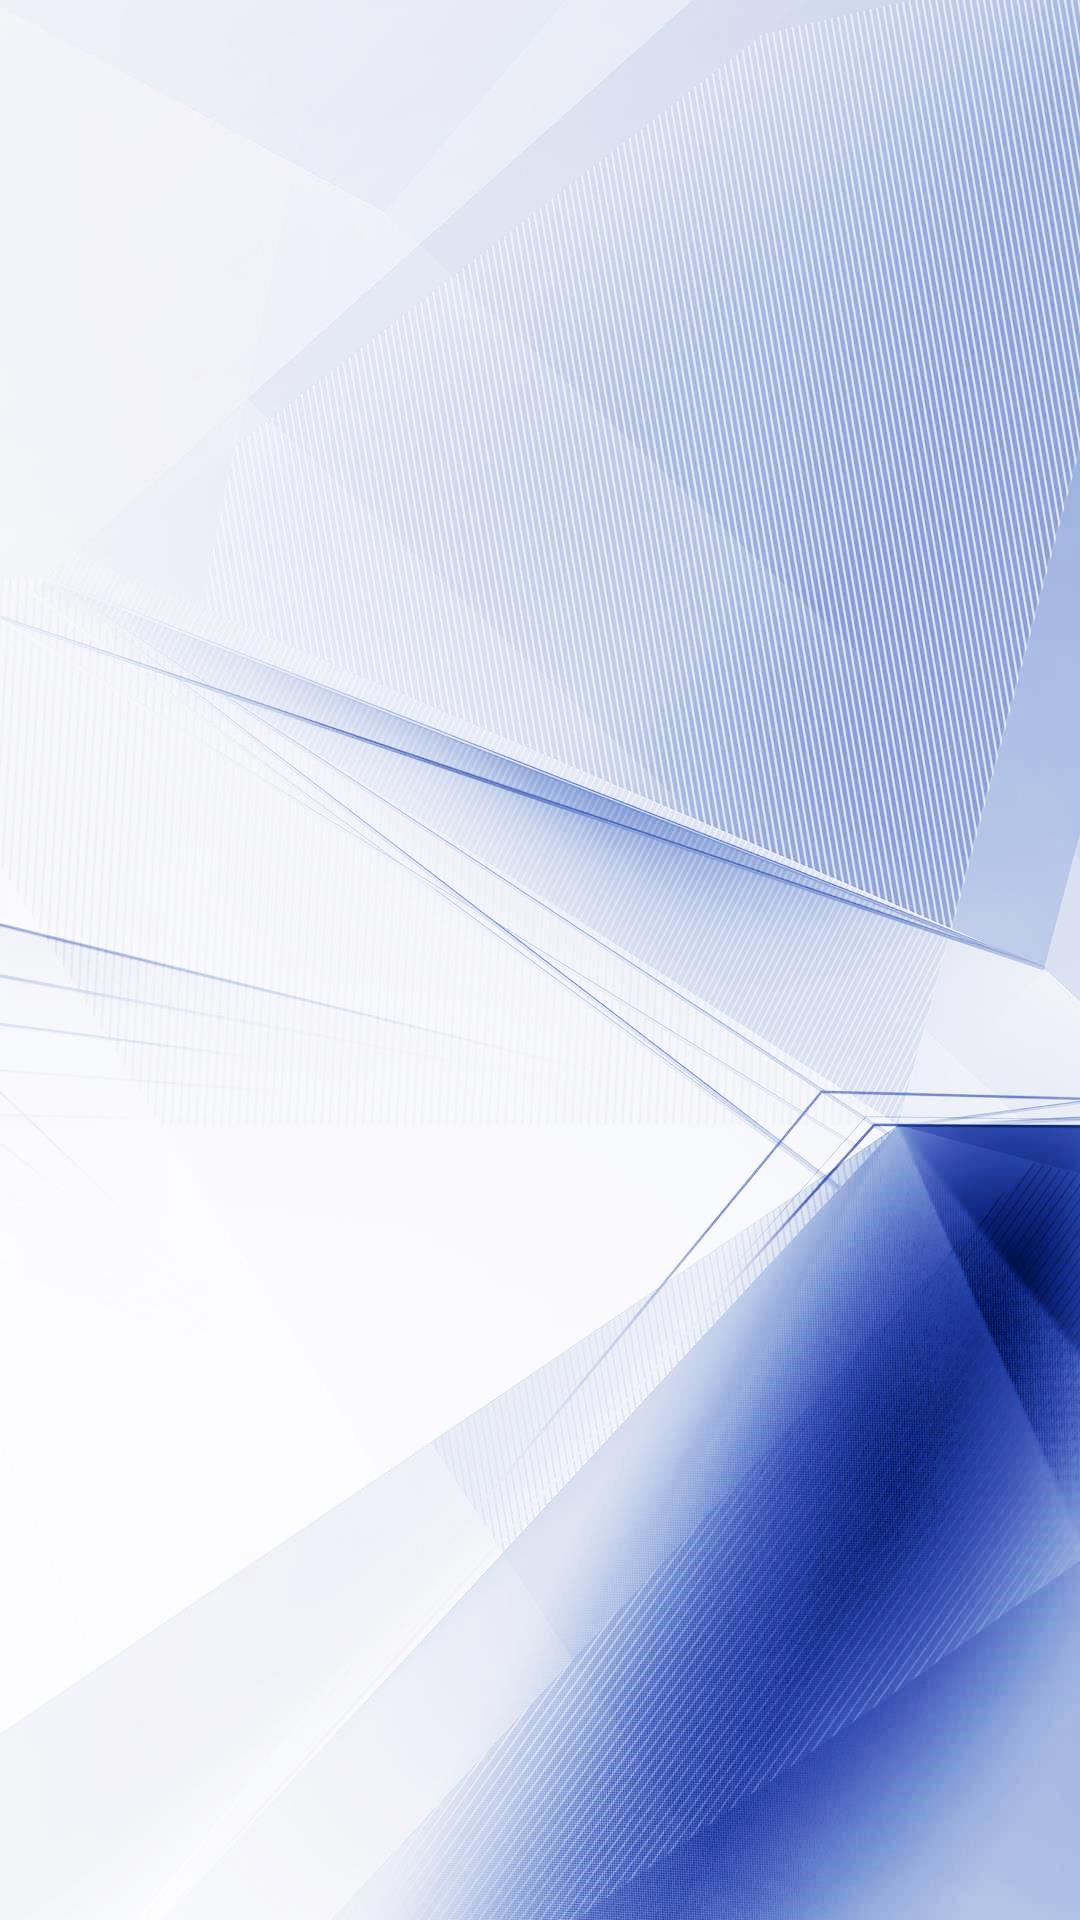 프리즘 컬러 파스텔 에디션 배경화면 (4).jpg